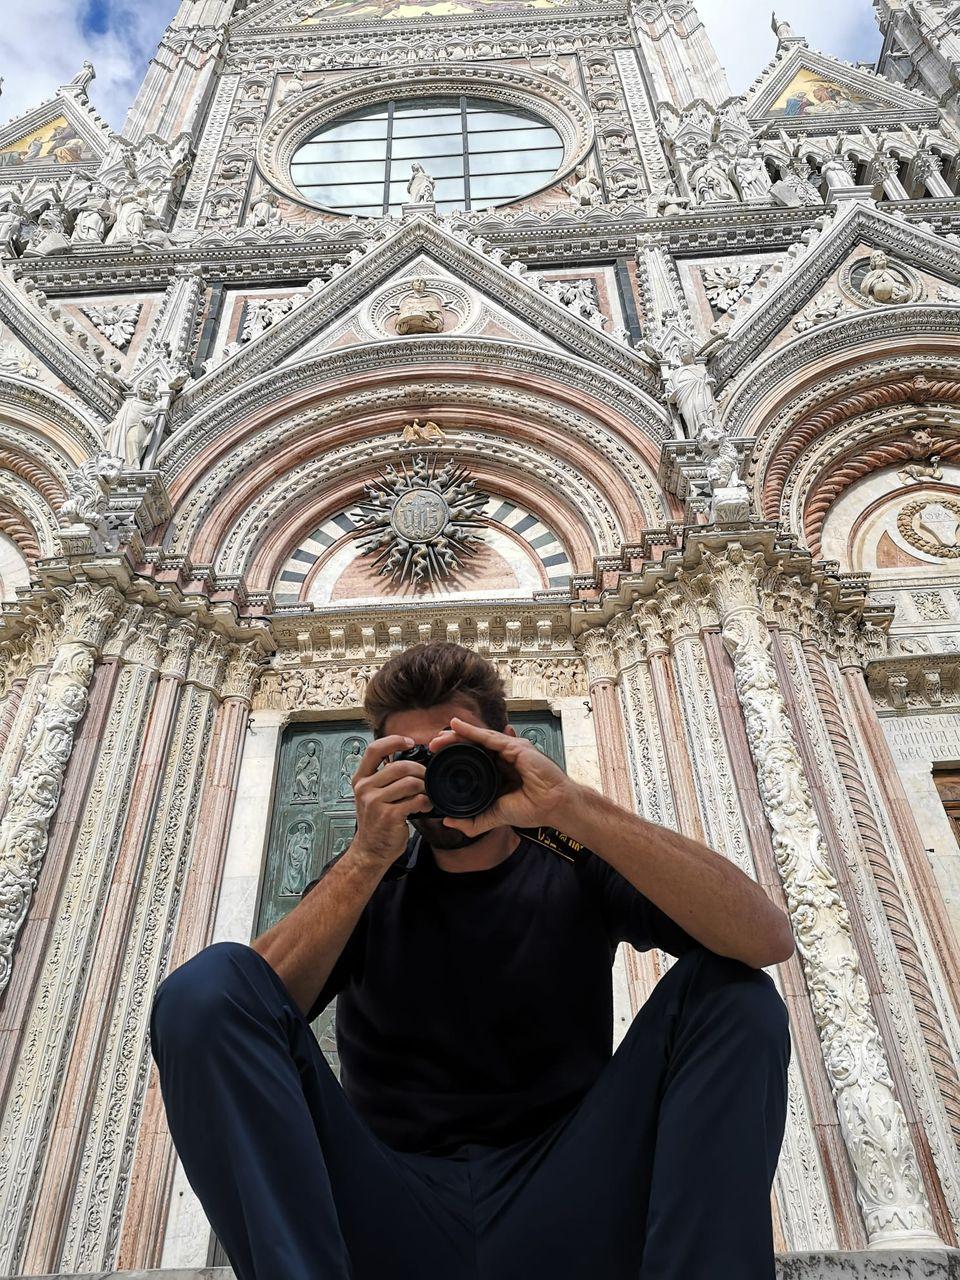 fotografo siena duomo.jpg